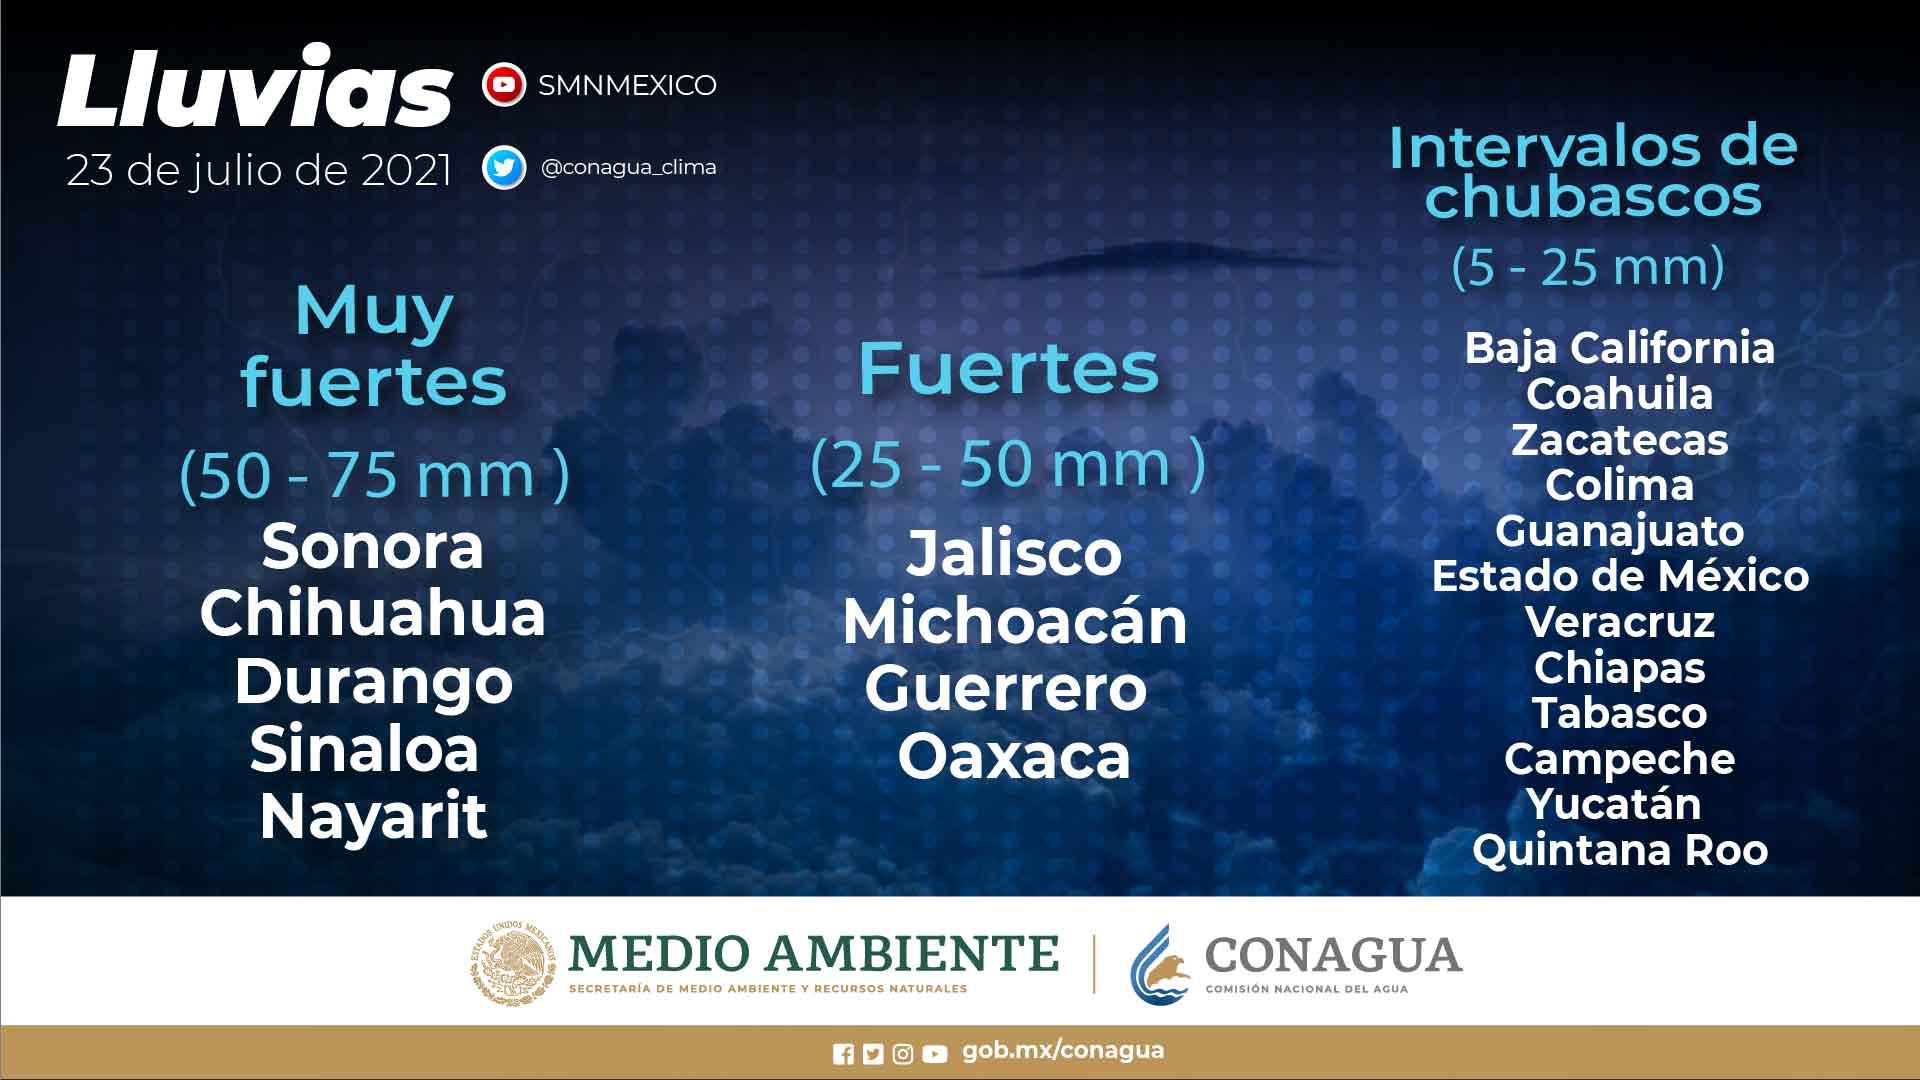 Lluvias muy fuertes con descargas eléctricas, se pronostican para hoy en Chihuahua, Durango, Nayarit, Sinaloa y Sonora